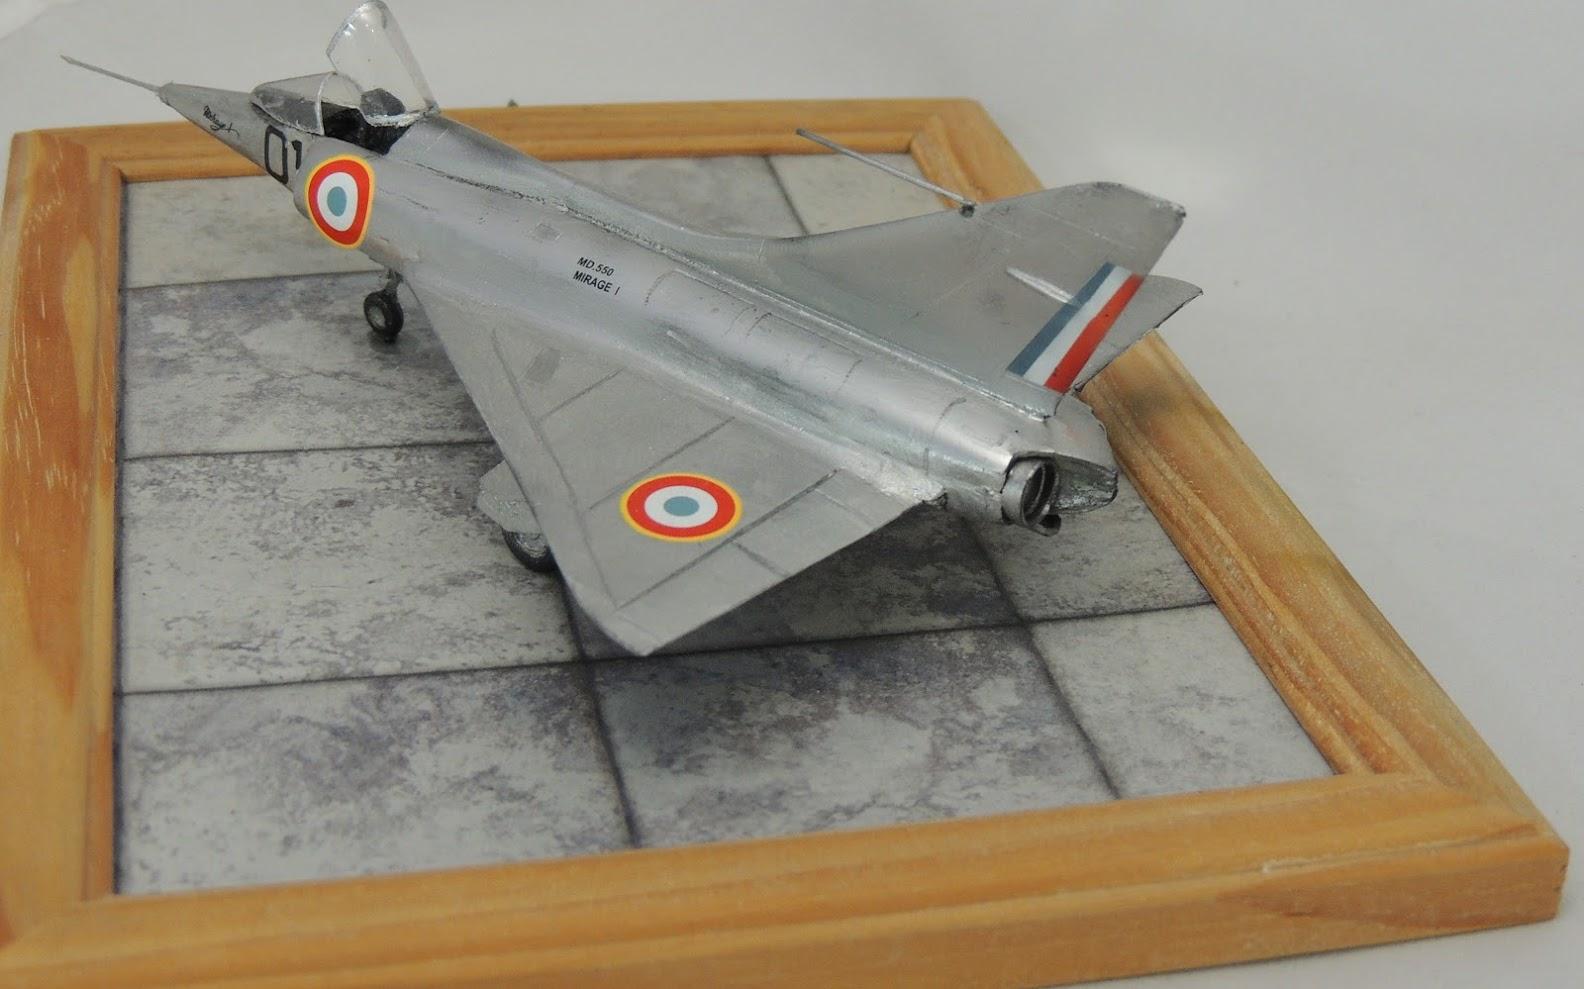 Dassault MD 550 Mirage I - Dujin E5n2wymwG7m69O67T1f2dL-B5RSW_tWOICgzycLb29kjjbIMRCTZXYVzk6JtQj6DYCfJLIq4jnIhNfgtBz20xJvN1ofp8jF9WizfO1BBEClXxTz_4HbR_PSuPRjQzWFDVBqfTF73UJE__gJdWEtVLyYChk5mRMgHLFIEG9bf7-FZnHmqI42a6XVVeZIzzS2Fz1EmIWgt4Mv_wfOMgy1OmufAzag1ilSe2p9q0tpLlLiaB9dUAxiA304HL-ZKHOKt4WcEL-aMN_O08oHRwQokoaLm1w5CBp0IvveSlgqUUwhsLDpksec1vk9XlSO-riescHOJY2n8vFqy4LKMDohW4qOFOgvWcvYjB6oxzgGP-igLkU3wH6-htQuDvc4ex38rFRf10SXo45J6yFVeKFETRSBFLjynoLxu4YqJg9PecgDC1rWLCaZDSrz48k14qjLka6_SDK2EPMEk93lSFw_uTL_1SkAhWfIeb1oQM5Phfo3ZMjIFW2qeJGsWtOFh6hK1K6Reh1OUxeP9T3Q4MU8wzDhAzlHulN10pjKs7oEUQTf0jWcHwisJ5ti4k4Wgd64LzFPTk8-LNd6BbuZvUwlabTJcevcYIGiTVw4HJsk=w1584-h989-no